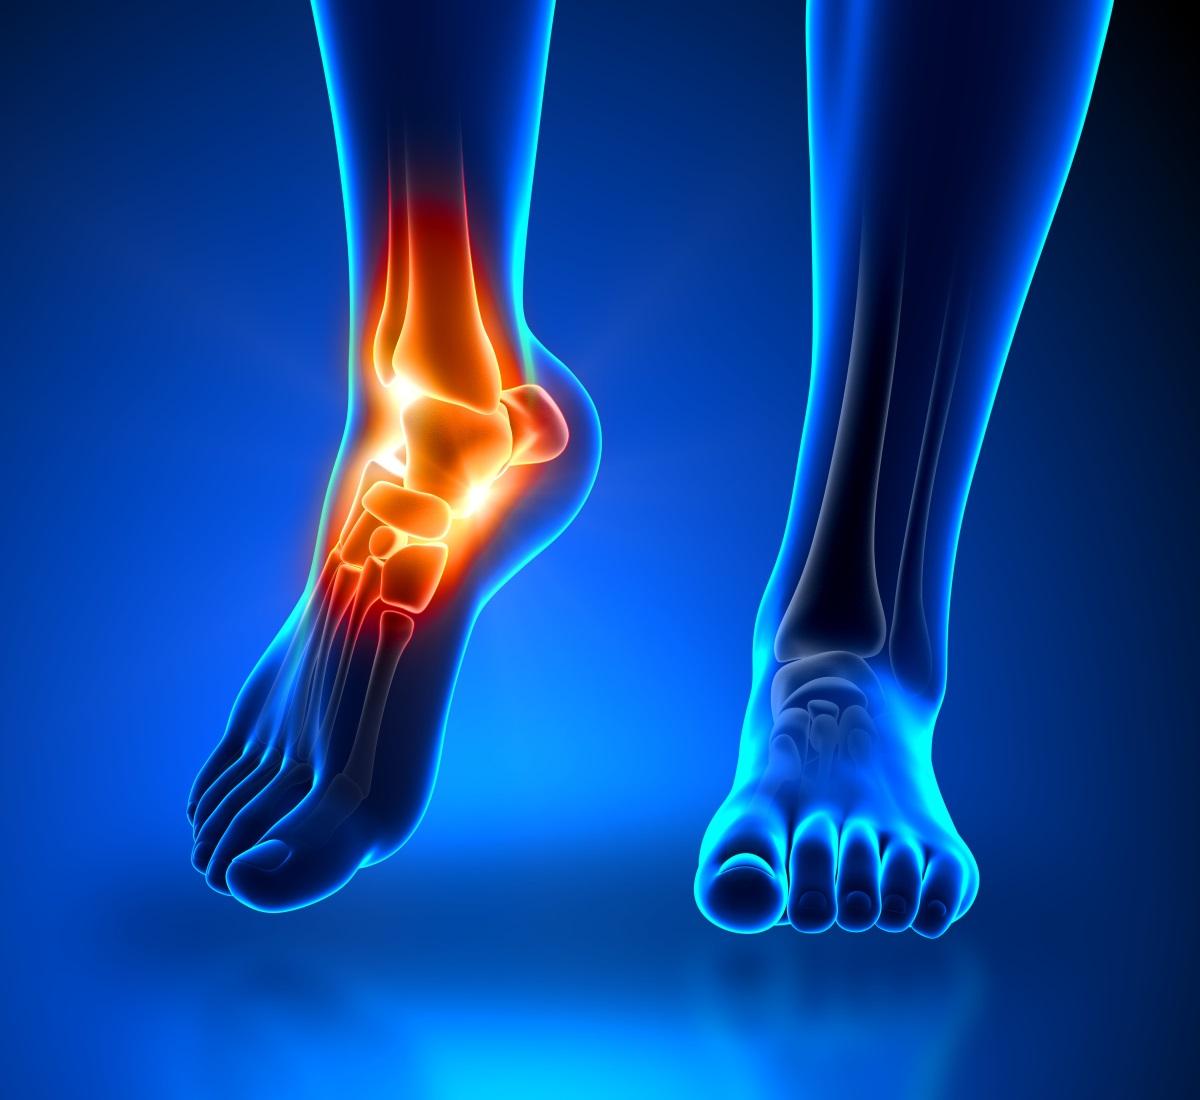 Упражнения для суставов рук и ног, гимнастика и ЛФК